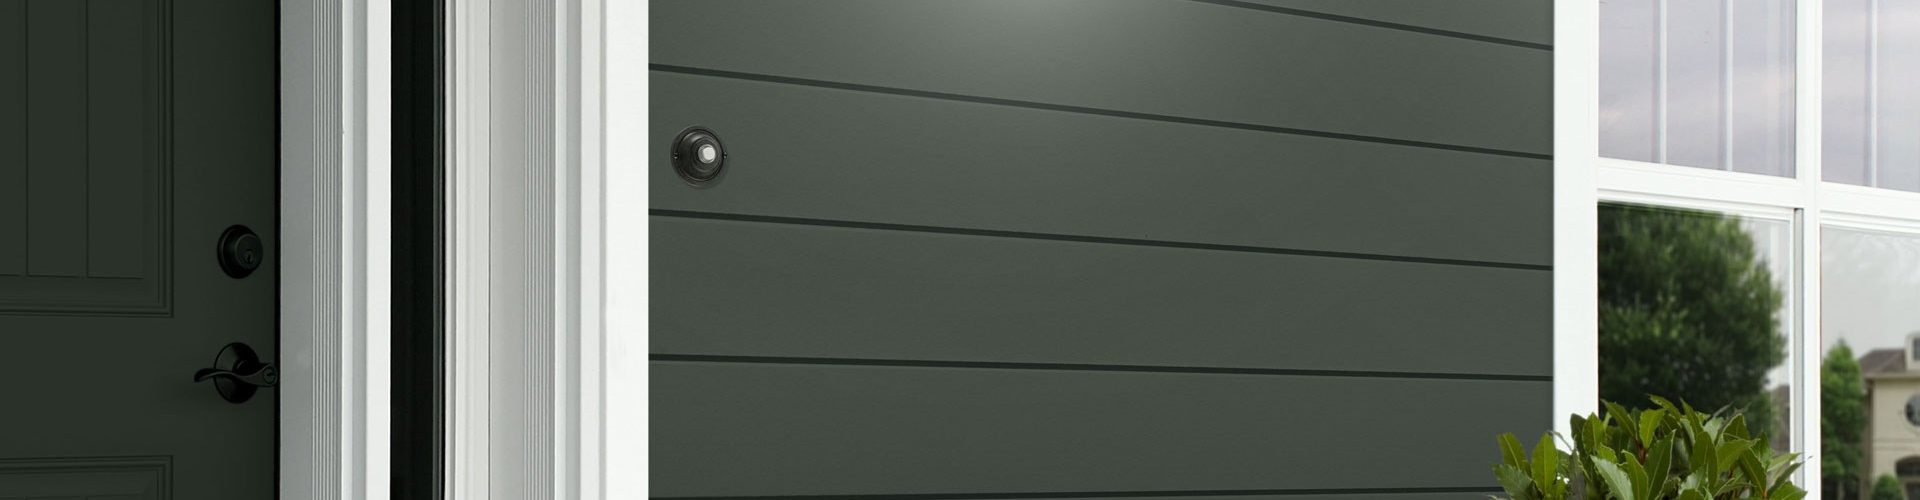 Cedral Click Smooth C31 Sügav ookean - fassaad - sile fassaadilaud - voodrilaud